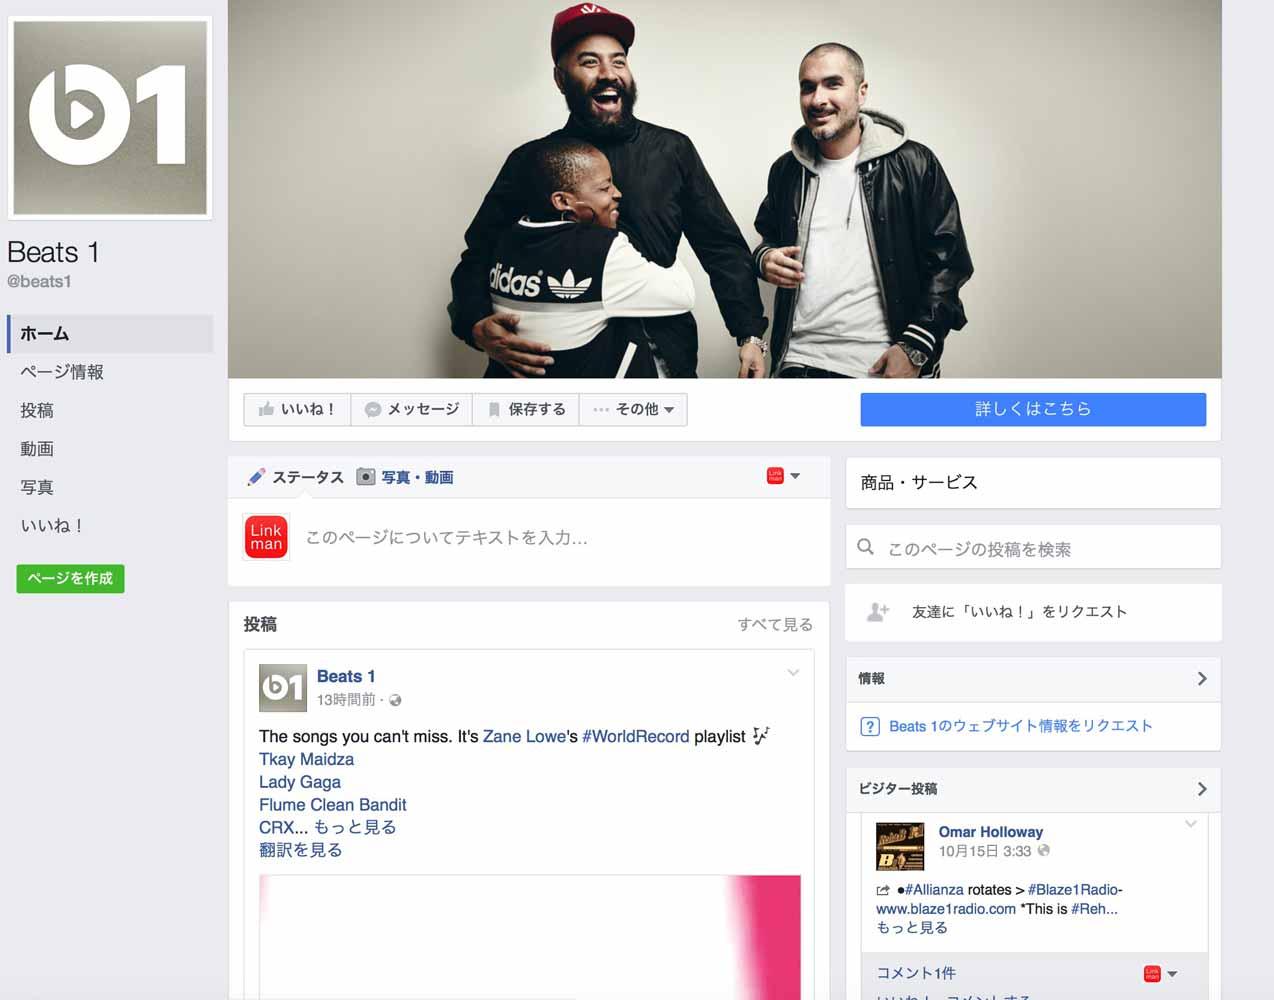 Apple、「Apple Music」のラジオステーション「Beats 1」の公式Facebookページを開設